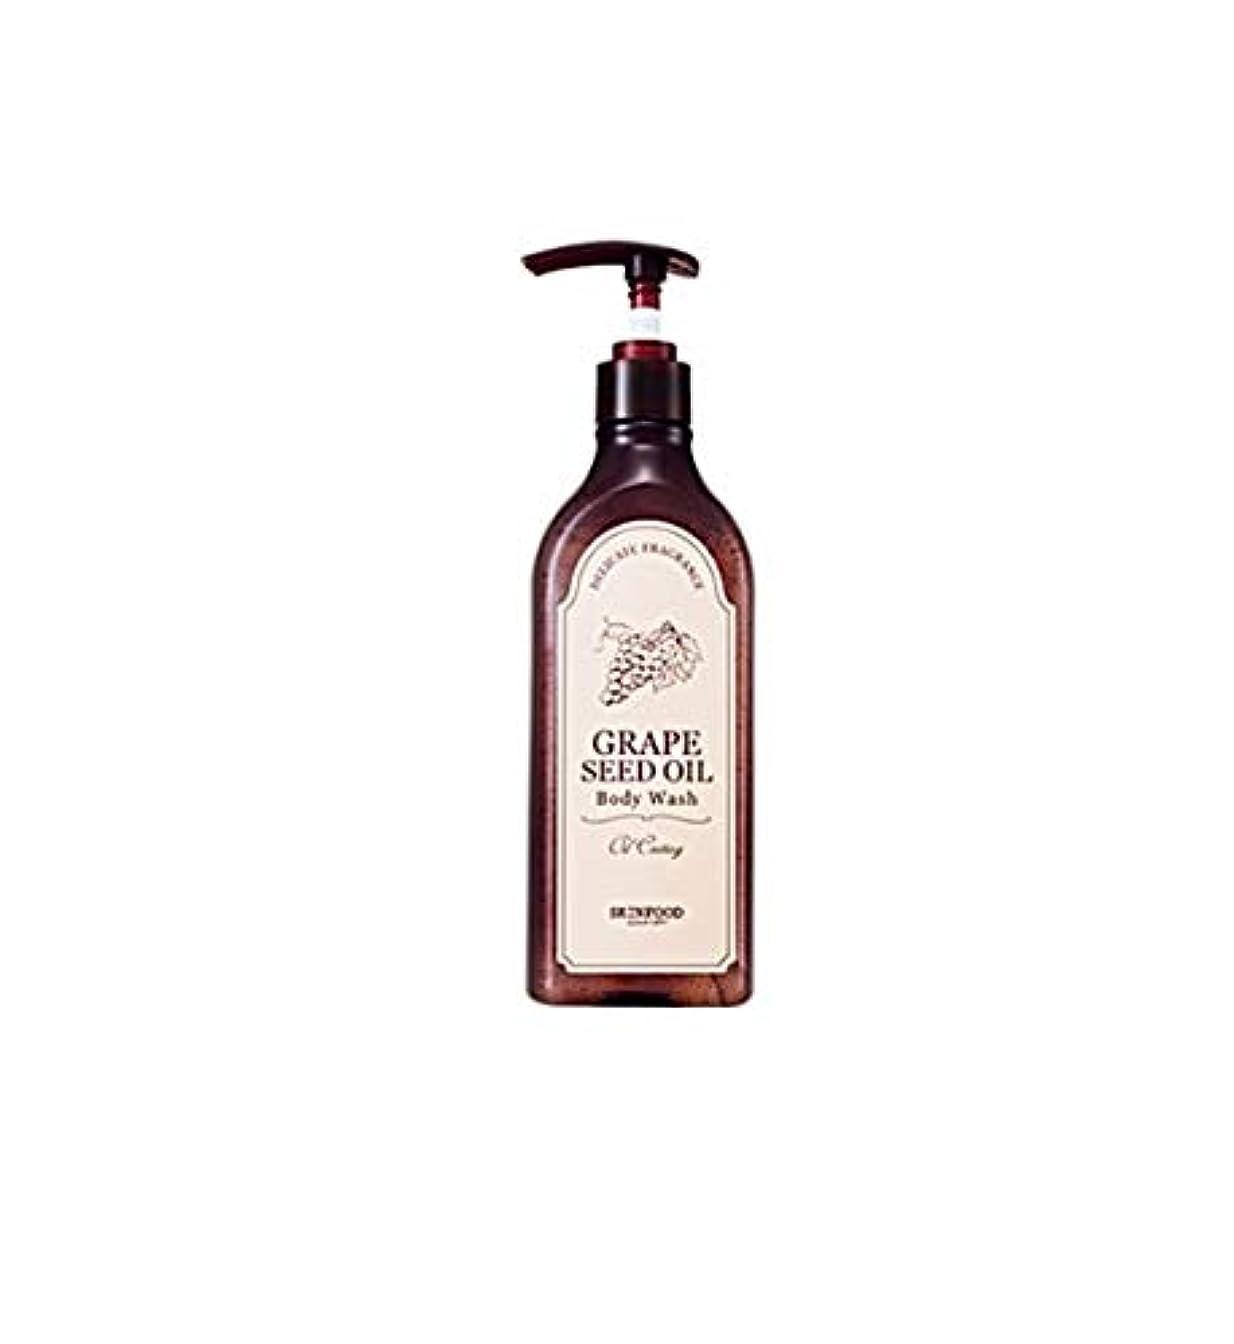 教える移行する億Skinfood グレープシードオイルボディウォッシュ/Grape Seed Oil Body Wash 335ml [並行輸入品]